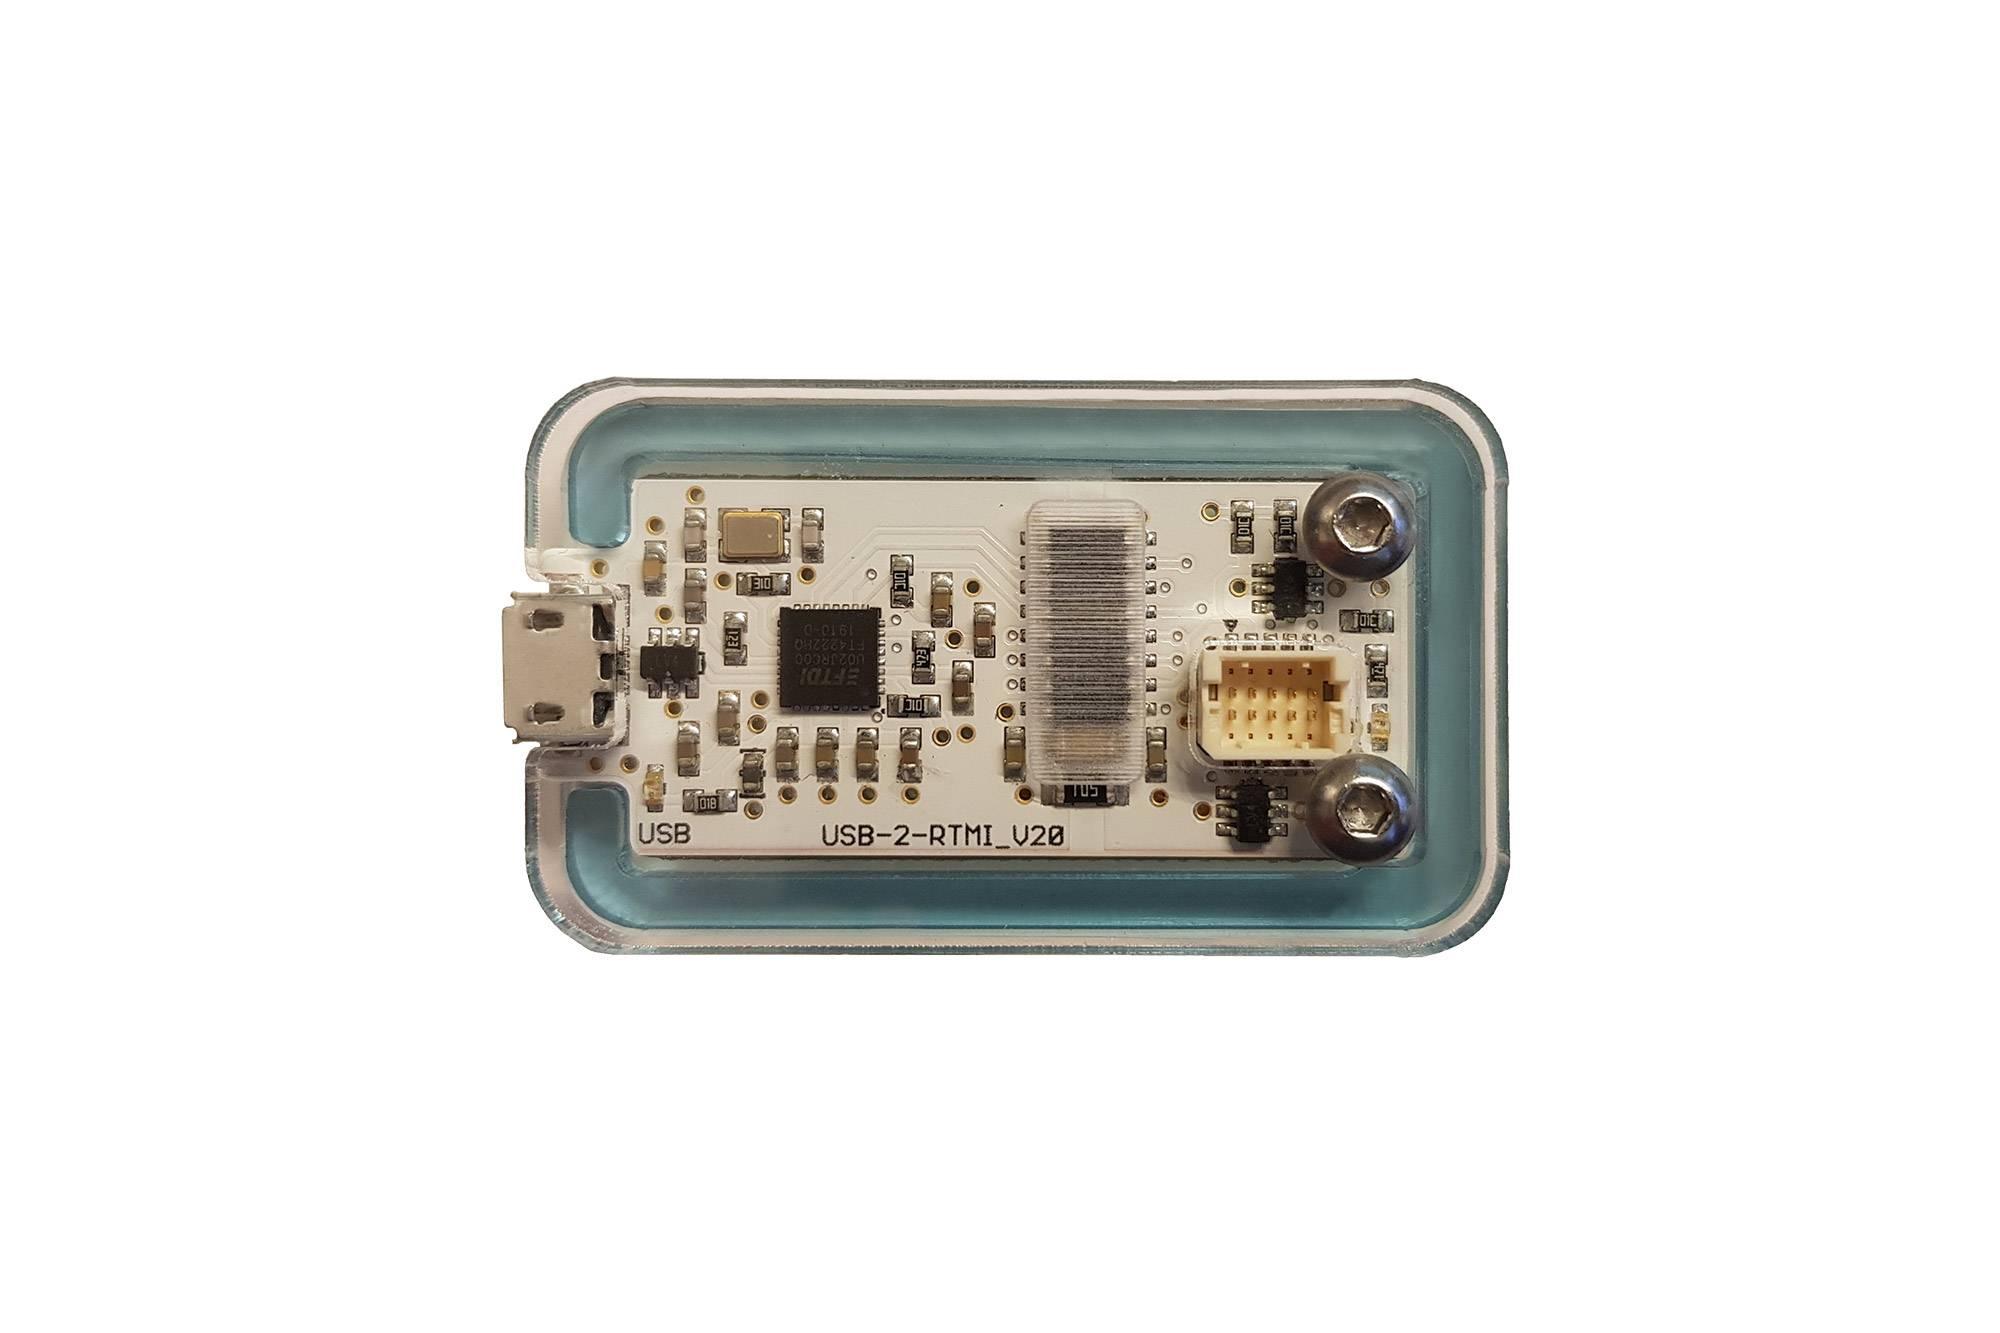 USB-2-RTMI